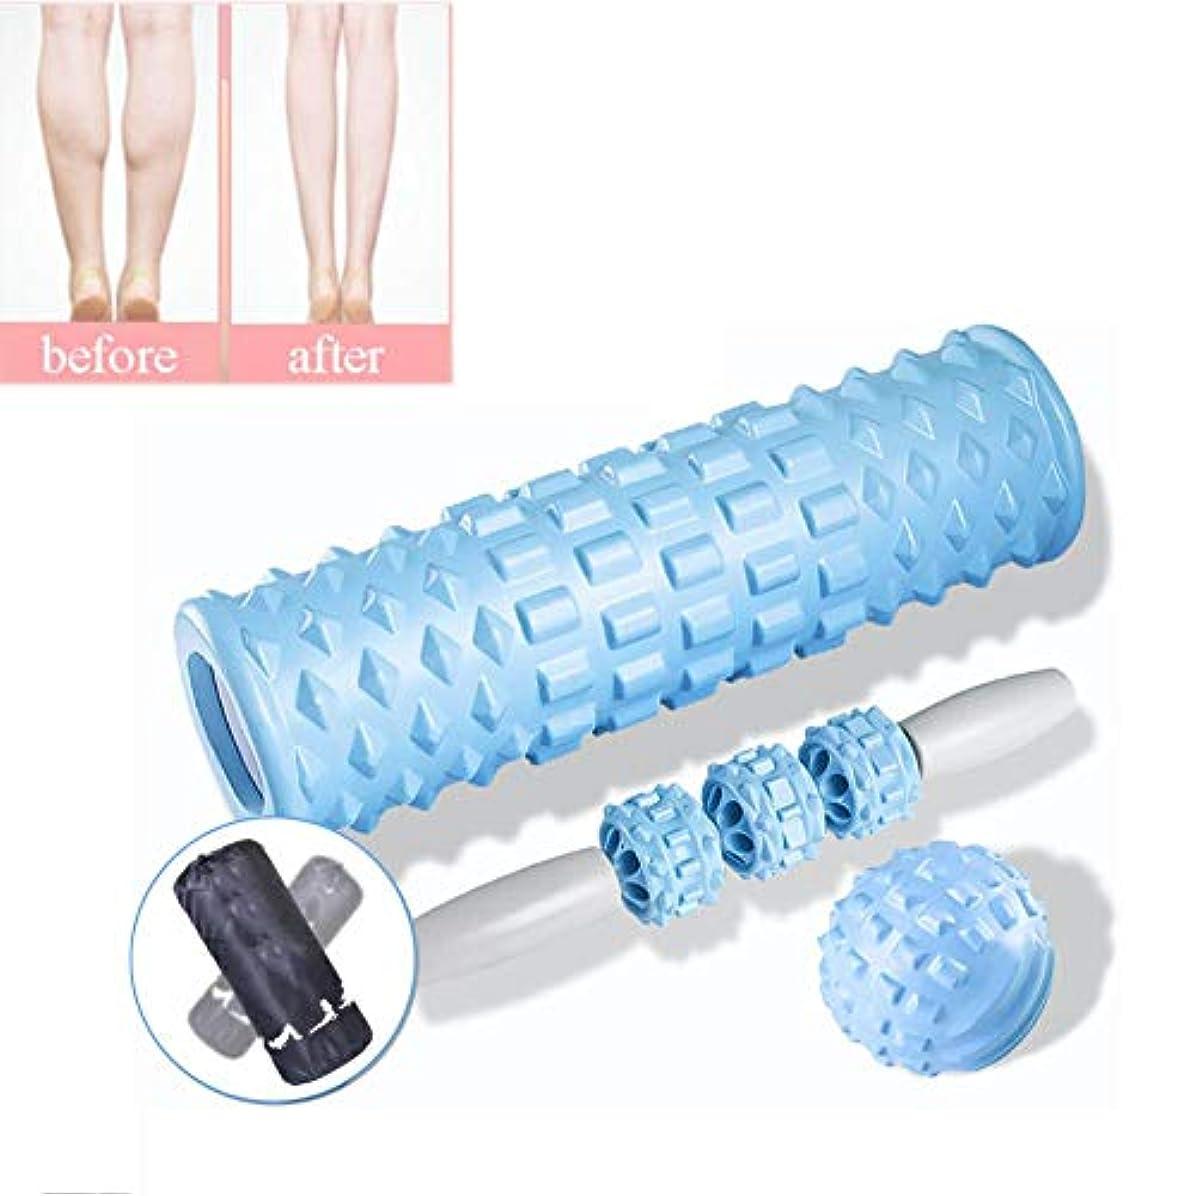 廊下専門桁フォームローラー 筋肉理学療法スポーツディープティッシュ筋肉マッサージスリーピースのための浮動小数点泡ローラー,Pink